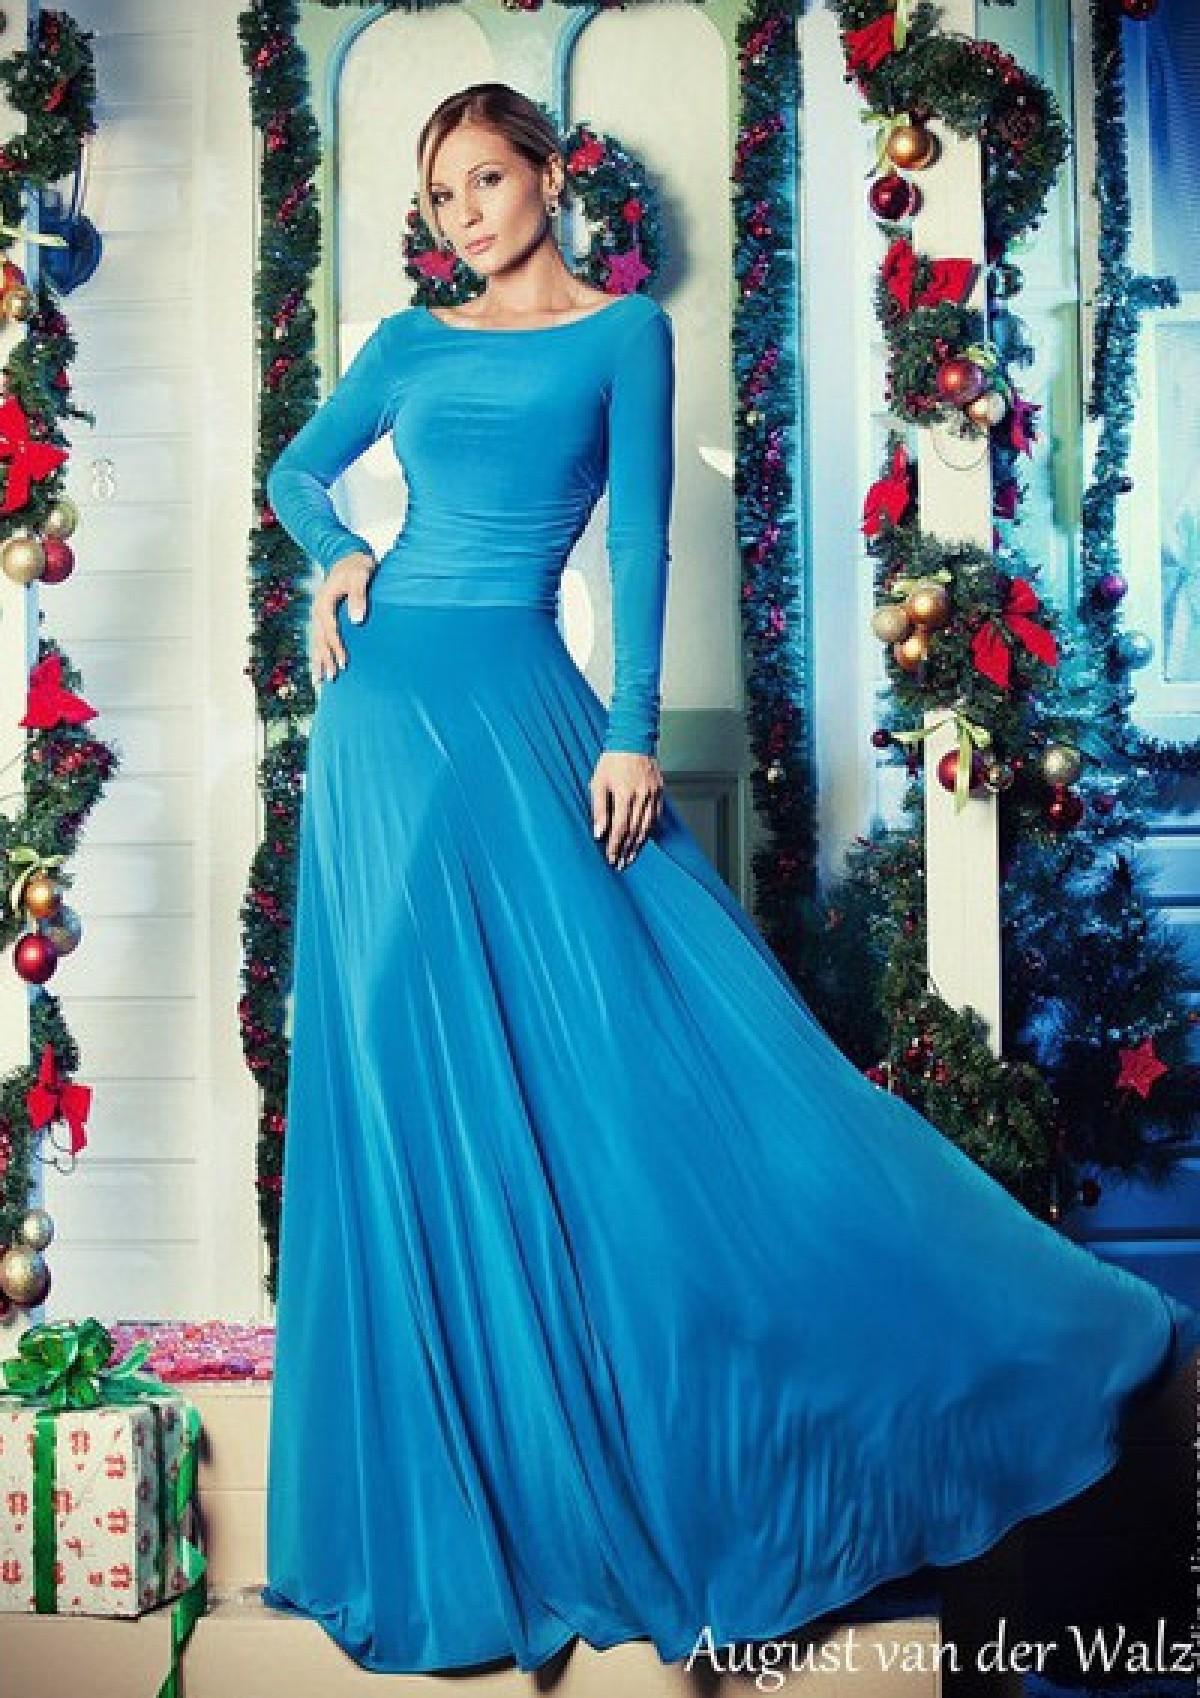 d6fc2d3b4e9 Голубое вечернее платье в пол для выпускного бала. Платья для выпускного  бала 2016. Интернет магазин выпускных платьев Радэлия